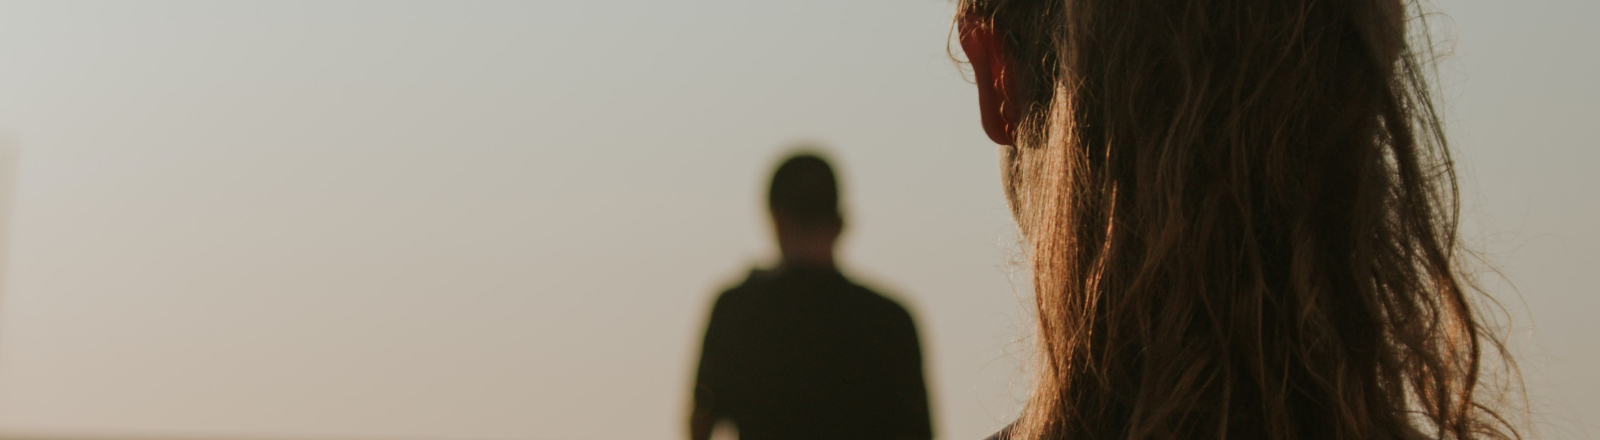 Eine Frau schaut einer anderen Person hinterher.